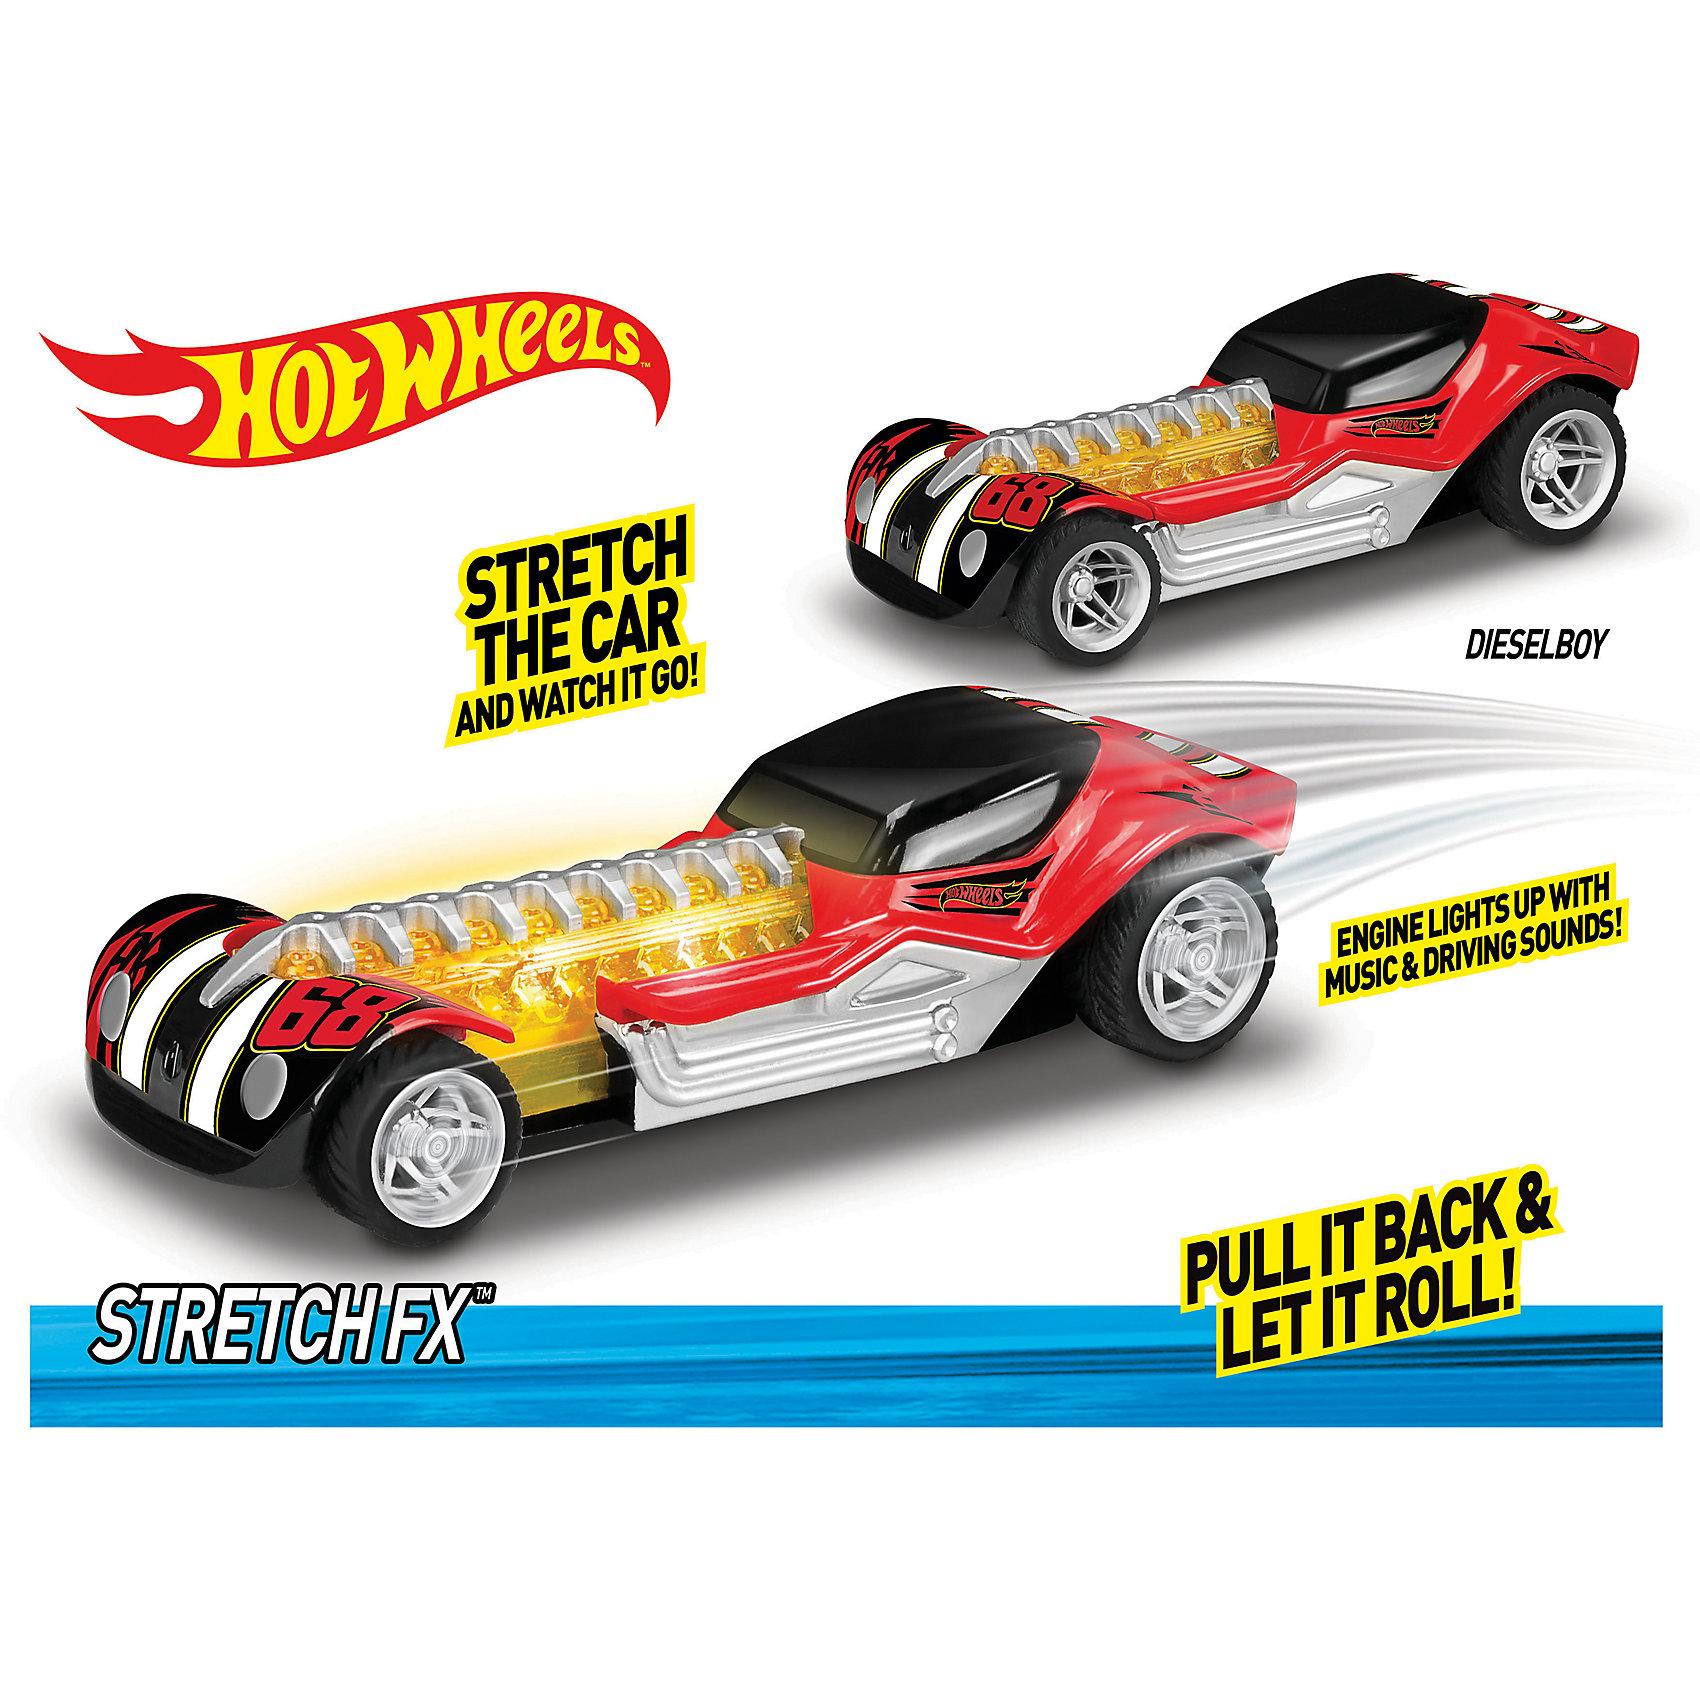 Машинка - Стретчмобиль (свет, звук), 16 см, Hot WheelsМашинки<br>Характеристики товара:<br><br>- цвет: красный;<br>- материал: пластик, металл;<br>- особенности: инерционная, со световыми и звуковыми эффектами;<br>- вес: 240 г;<br>- размер упаковки: 10х11х19;<br>- размер машинки: 16 см.<br><br>Какой мальчишка откажется поиграть с коллекционной машинкой Hot Wheels, которая выглядит как настоящая?! Машинка очень эффектно смотрится, она дополнена световыми, звуковыми эффектами и инерционным механизмом. Игрушка отлично детализирована, очень качественно выполнена, поэтому она станет отличным подарком ребенку. Продается в красивой упаковке.<br>Изделия произведены из высококачественного материала, безопасного для детей.<br><br>Механическую машинку Hot Wheels можно купить в нашем интернет-магазине.<br><br>Ширина мм: 102<br>Глубина мм: 114<br>Высота мм: 191<br>Вес г: 239<br>Возраст от месяцев: 36<br>Возраст до месяцев: 2147483647<br>Пол: Мужской<br>Возраст: Детский<br>SKU: 5066725